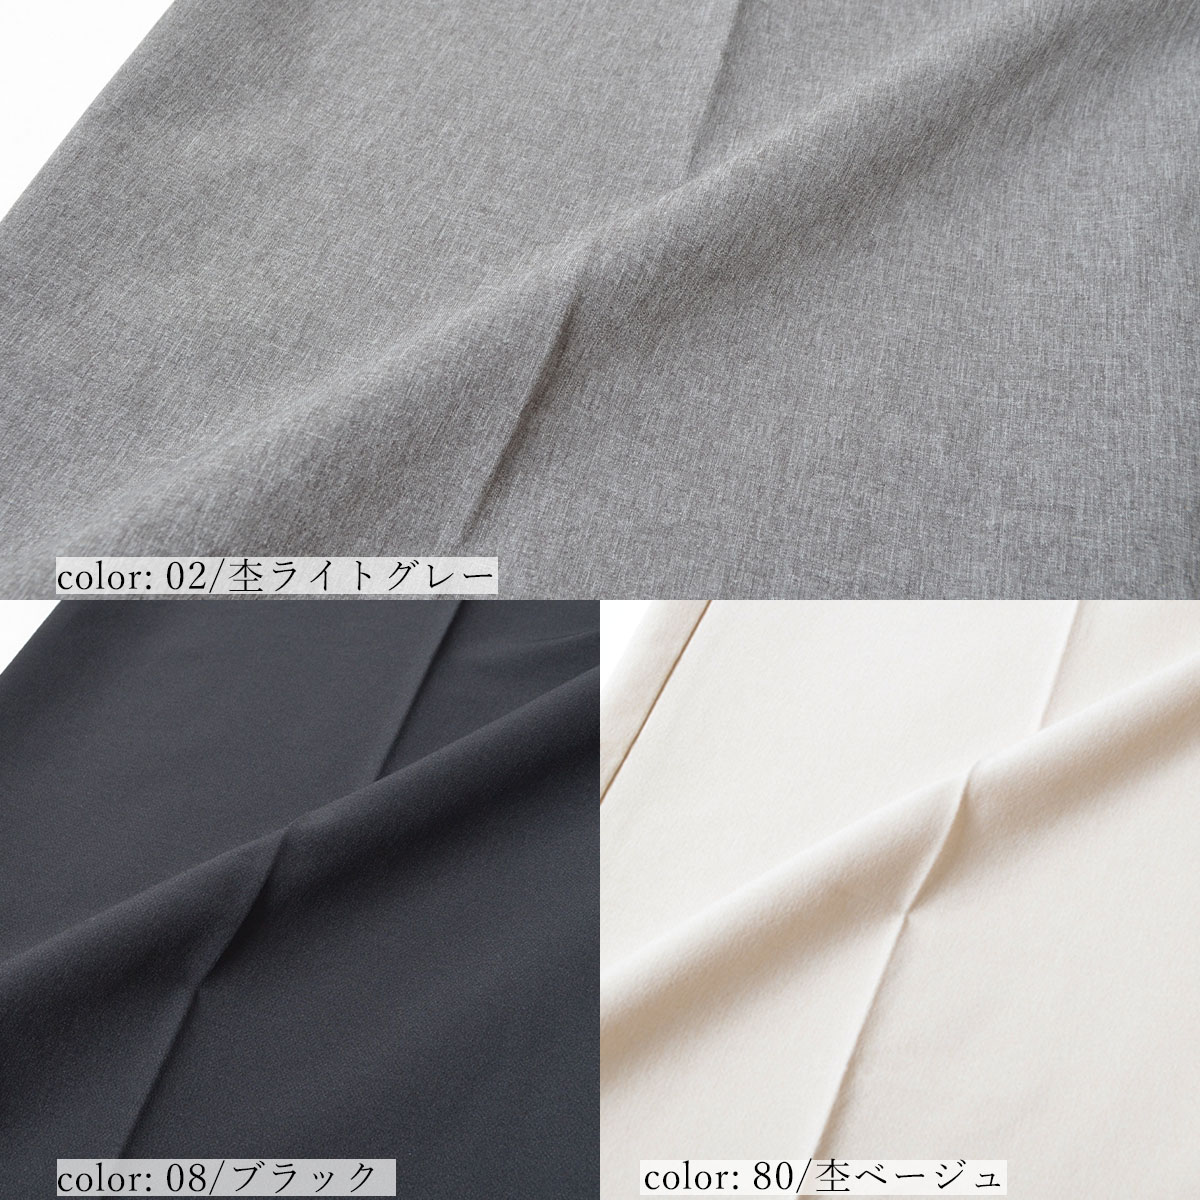 【SALE】クロップドストレート GM3966